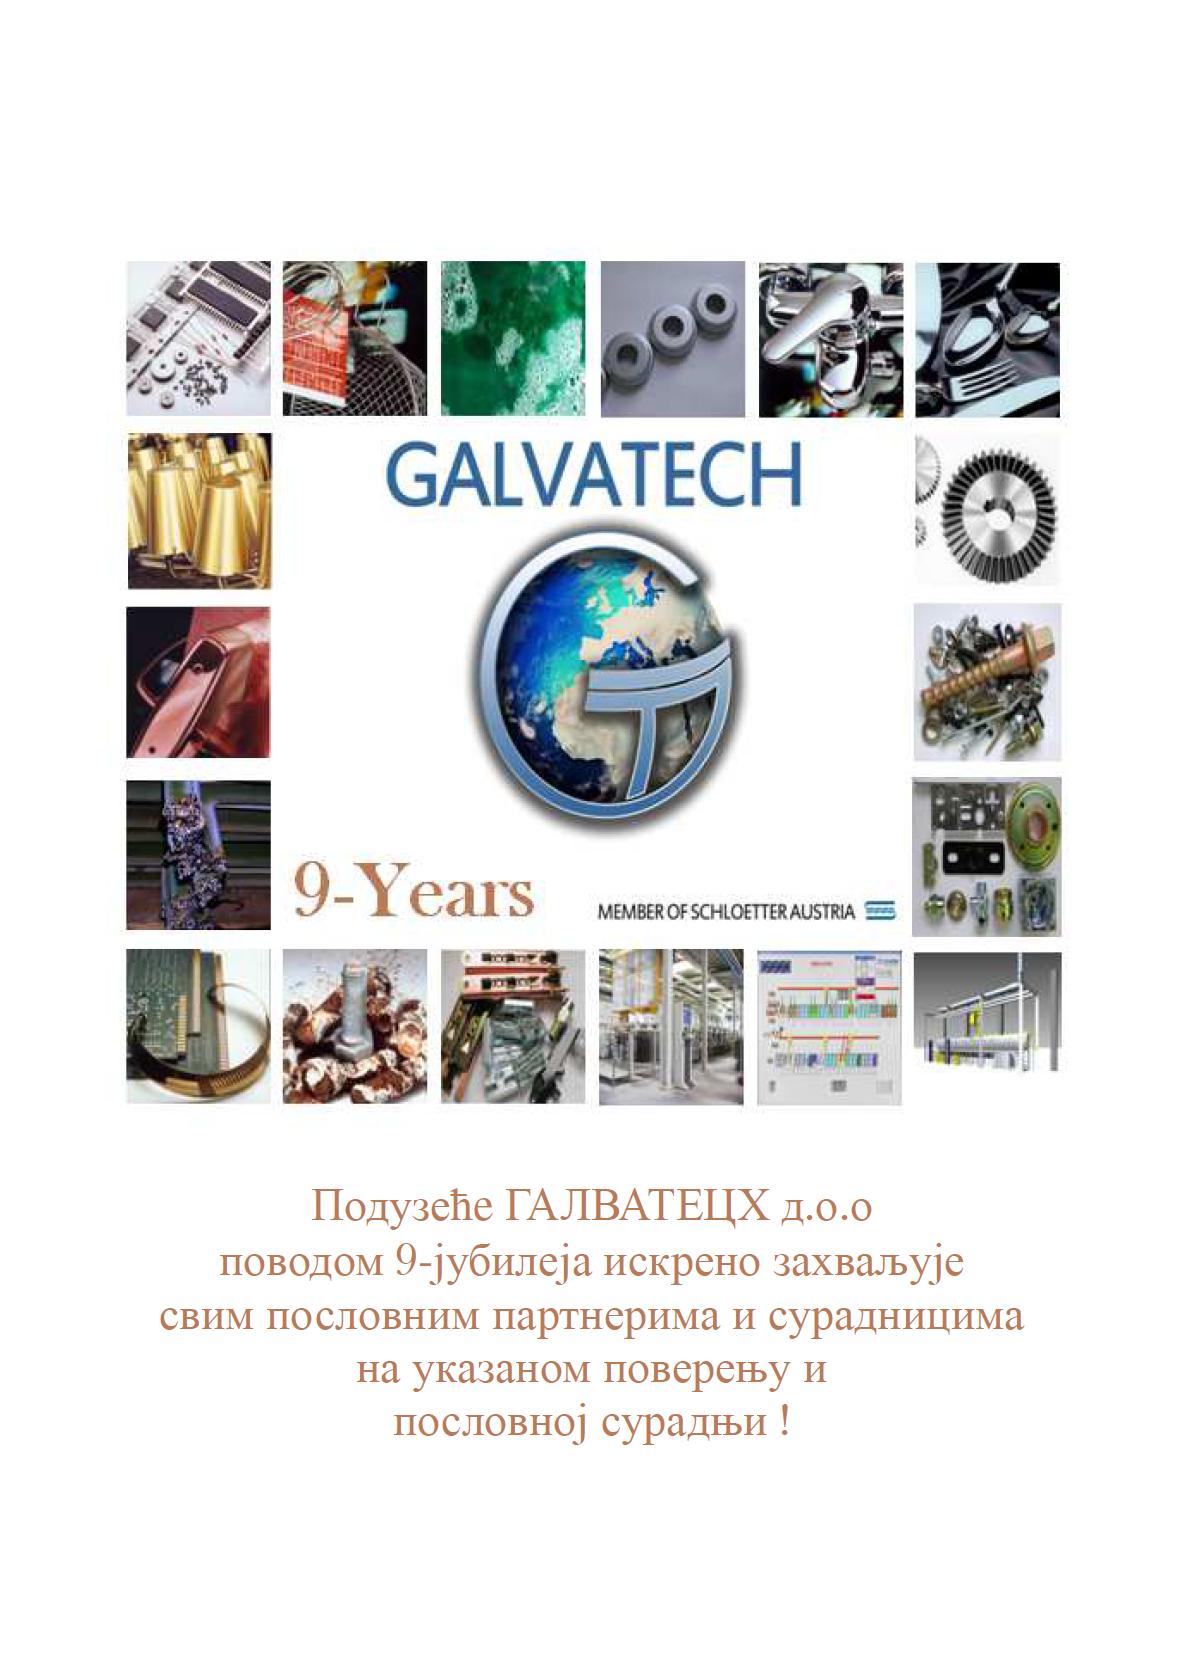 D_GALVATECH_2020-03-15_9-Jubiläum-Serbisch